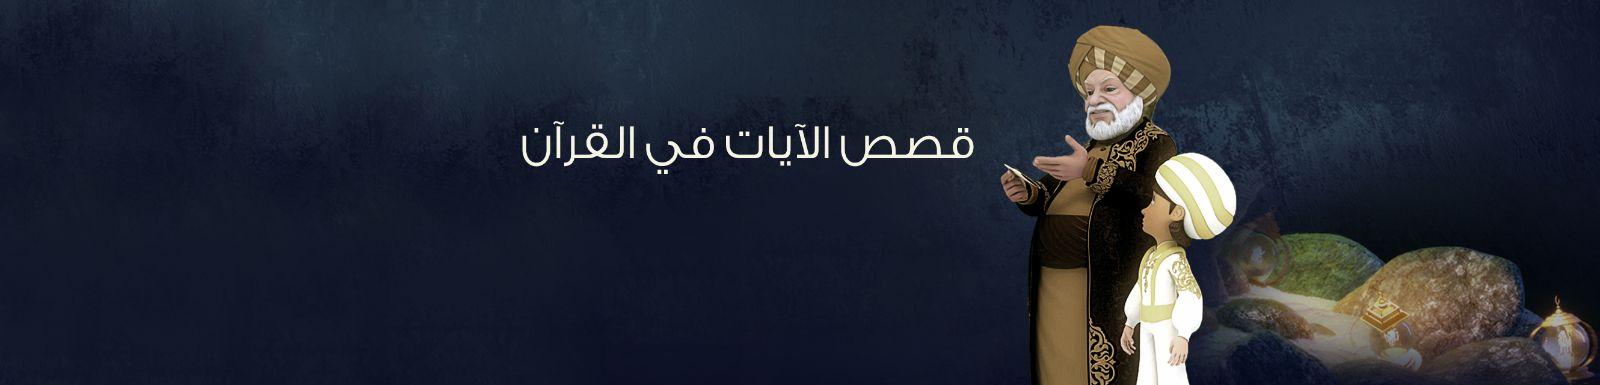 تحميل مسلسل قصص الآيات في القرآن الحلقة 12